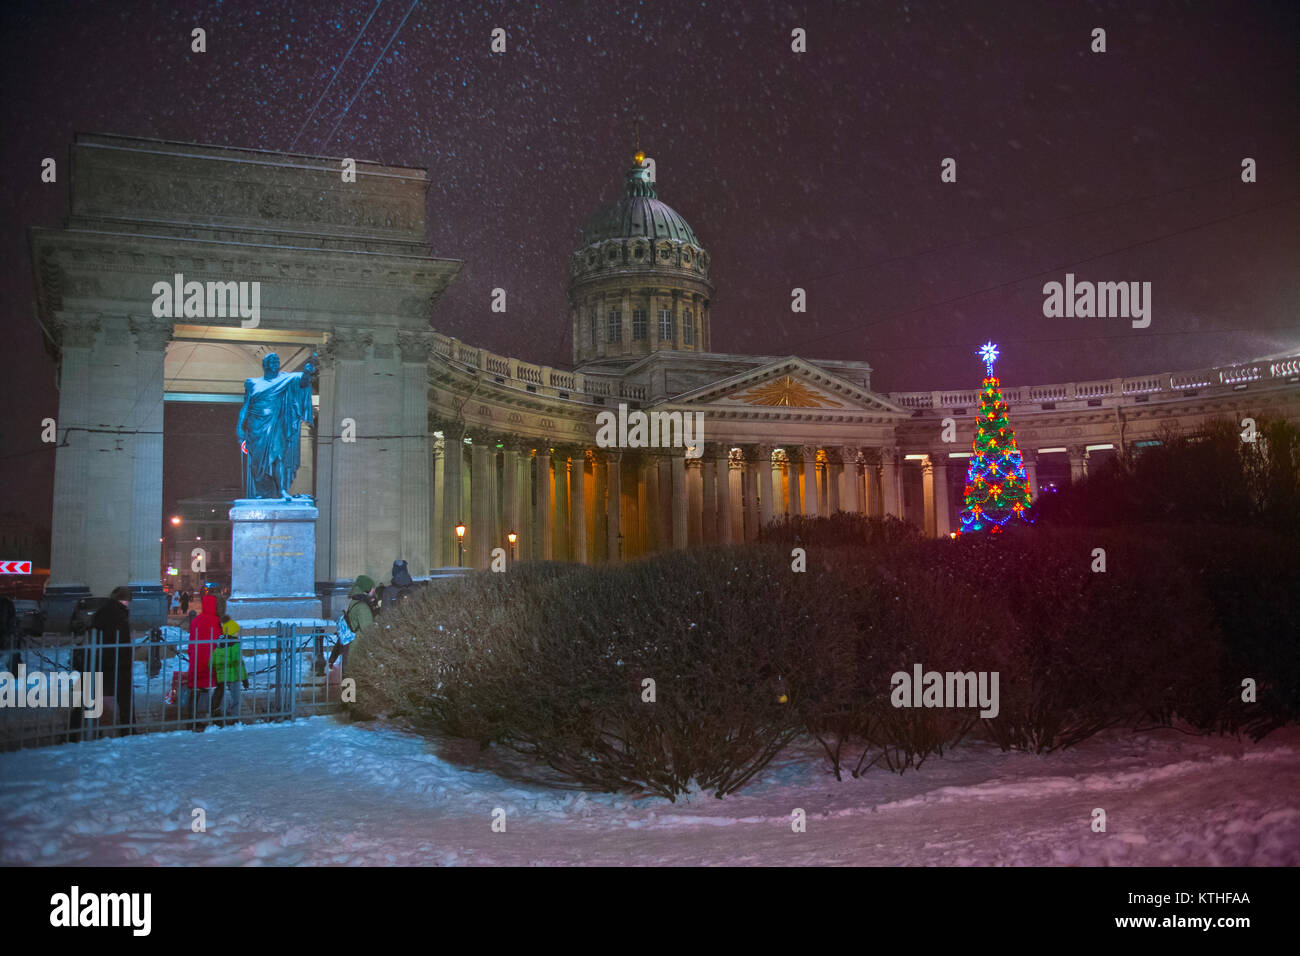 Festliche Beleuchtung des neuen Jahres in St. Petersburg, Russland Stockfoto